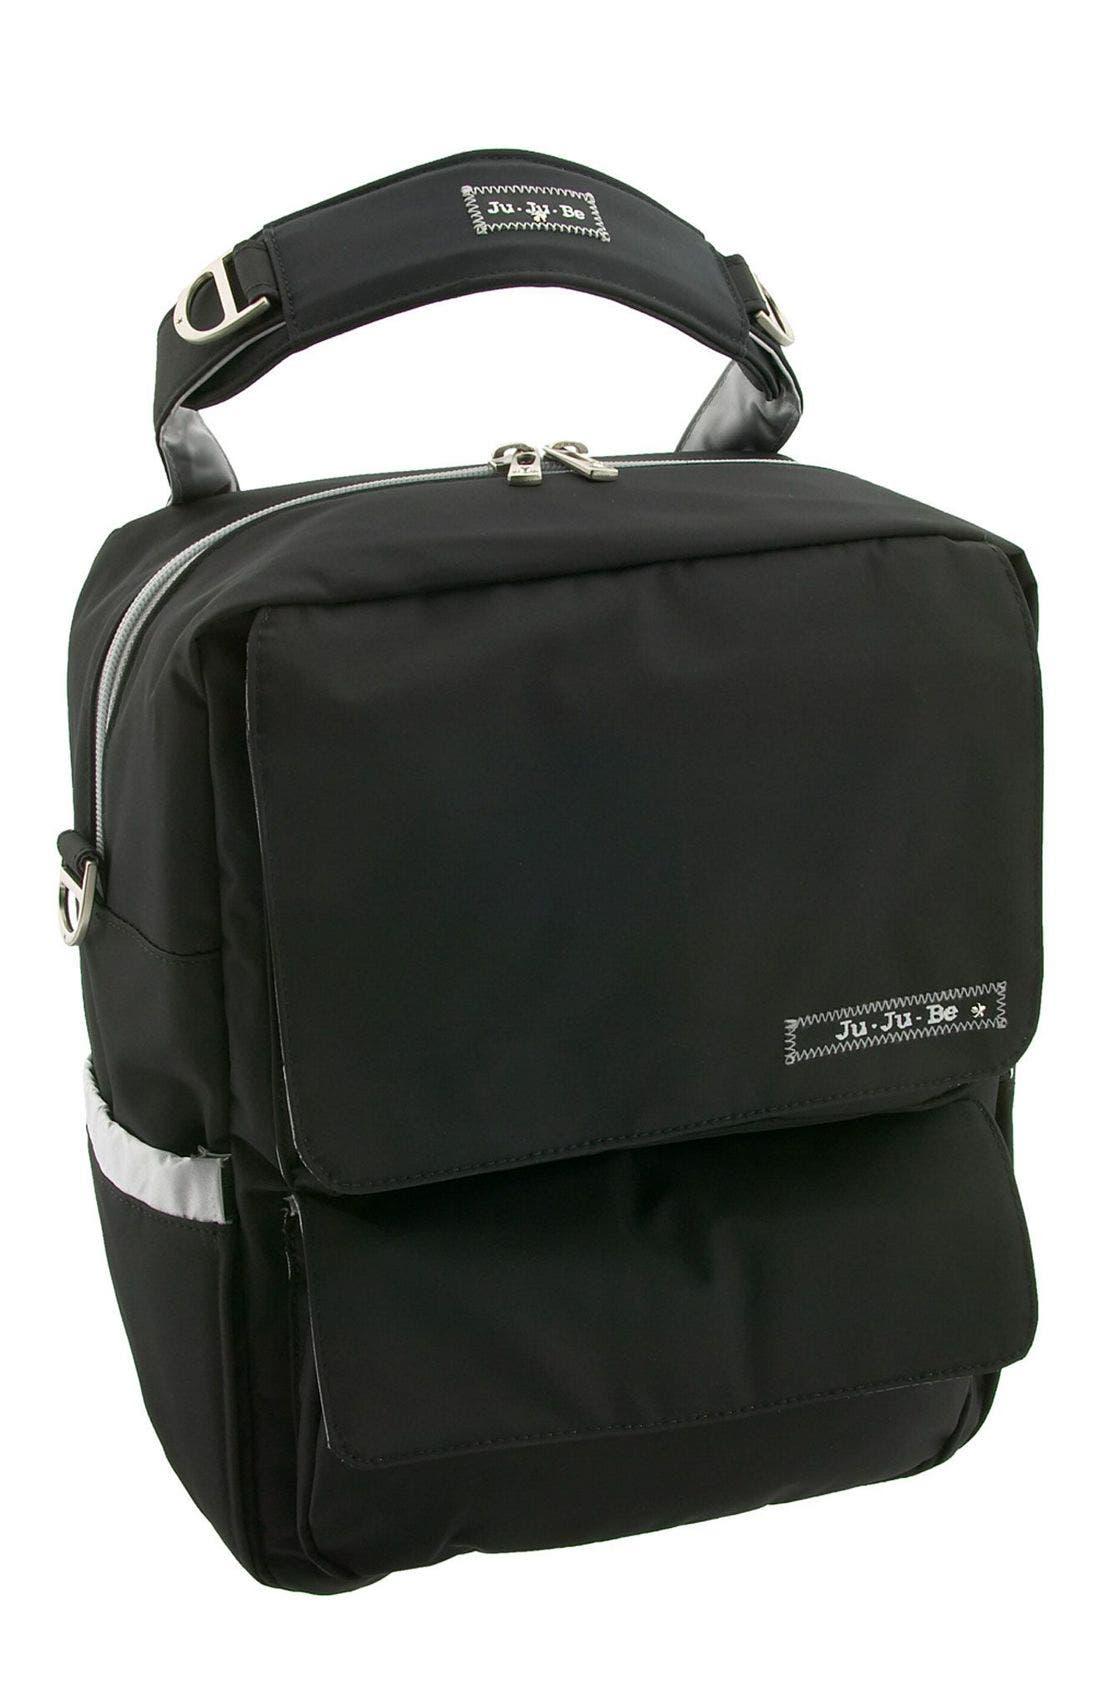 Alternate Image 1 Selected - Ju-Ju-Be 'Packabe' Convertible Diaper Bag